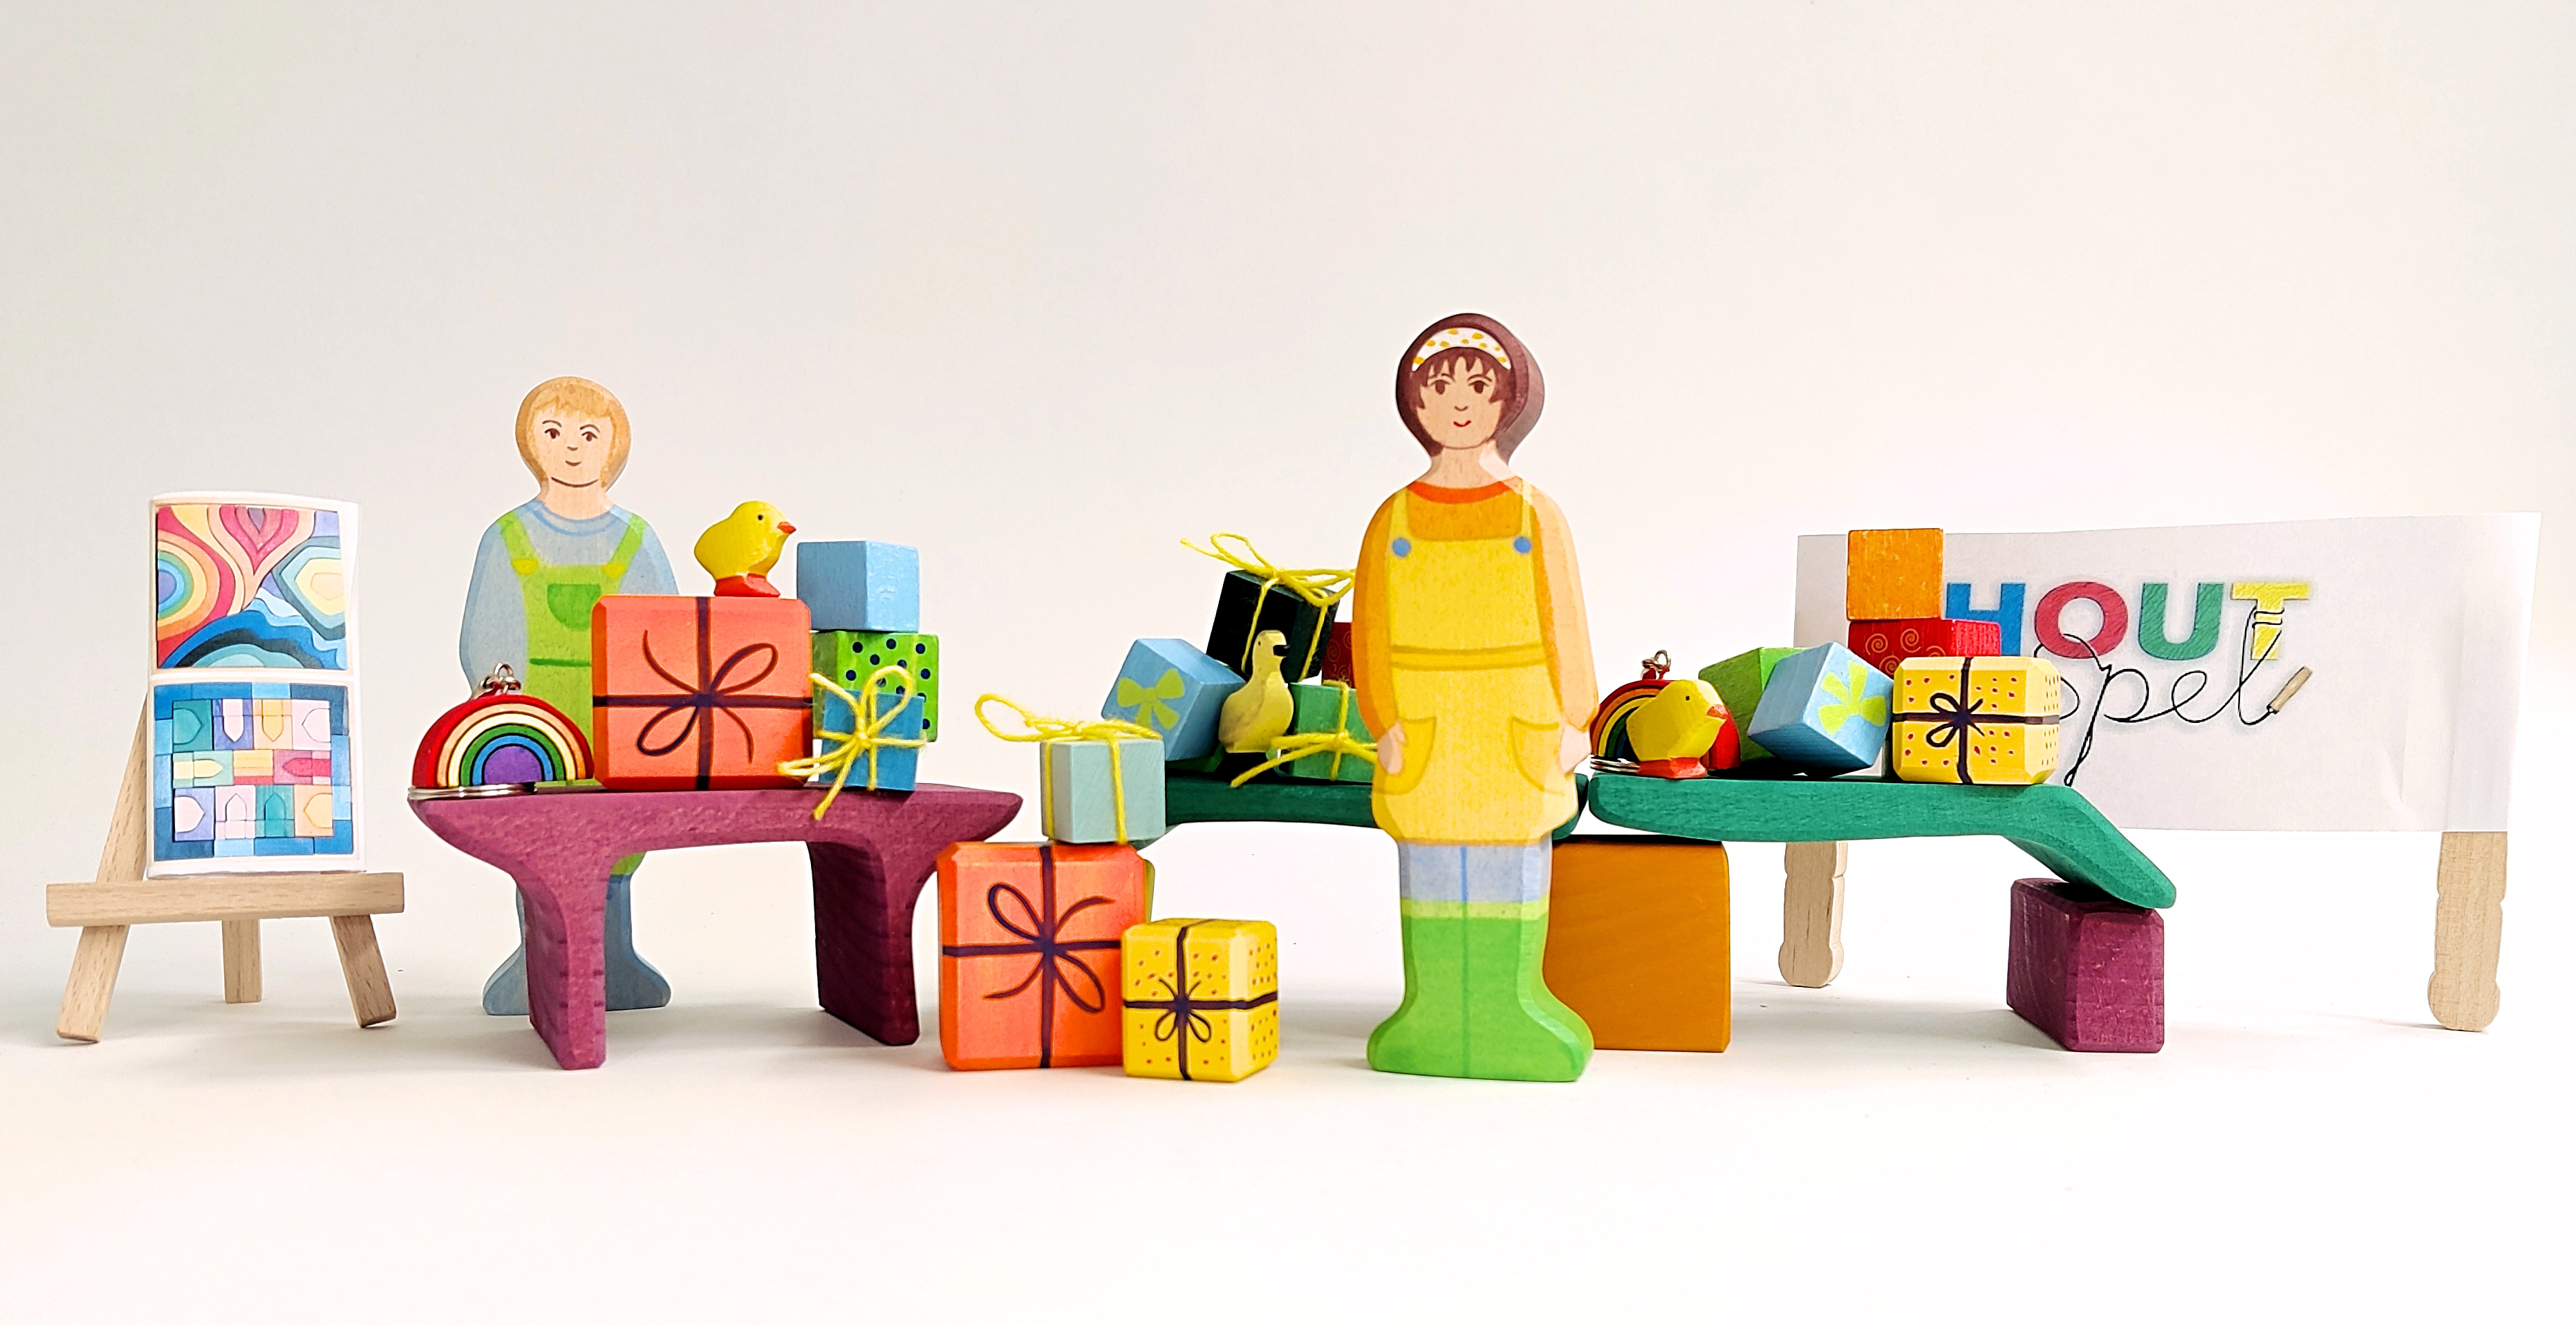 Houtspel cadeautjesmarkt 2021